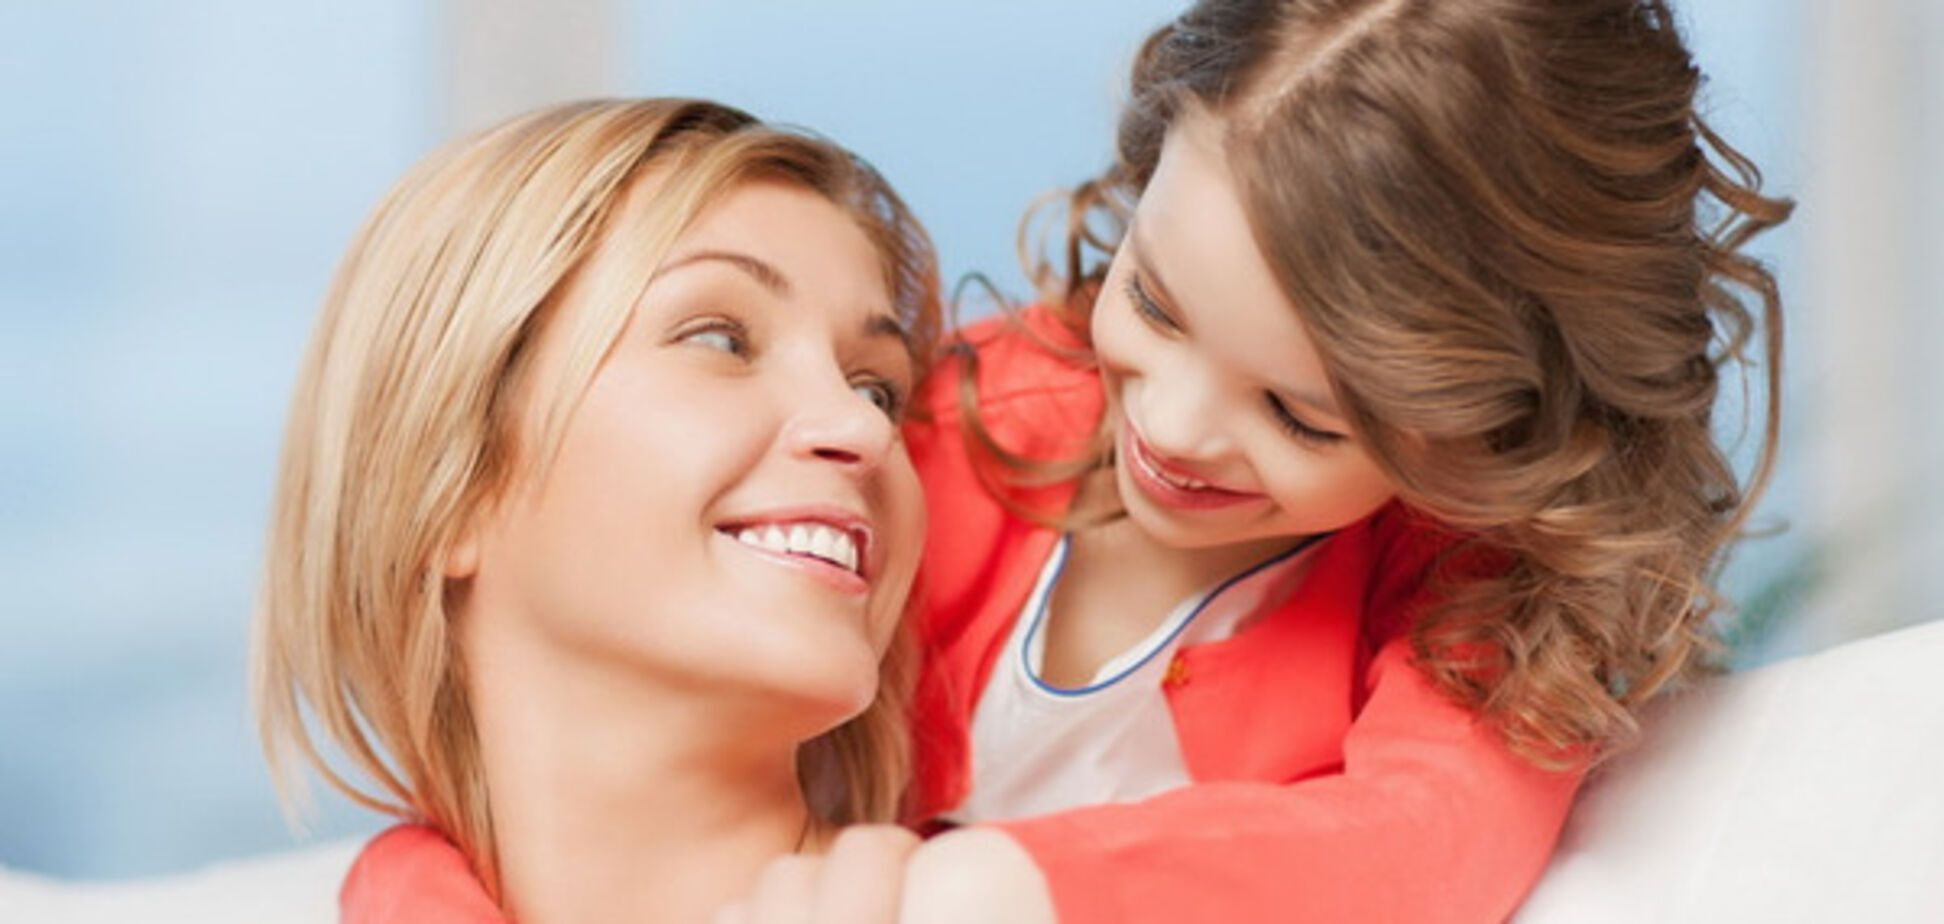 Як не треба відповідати дітям: названі найпоширеніші реакції батьків на поведінку дитини